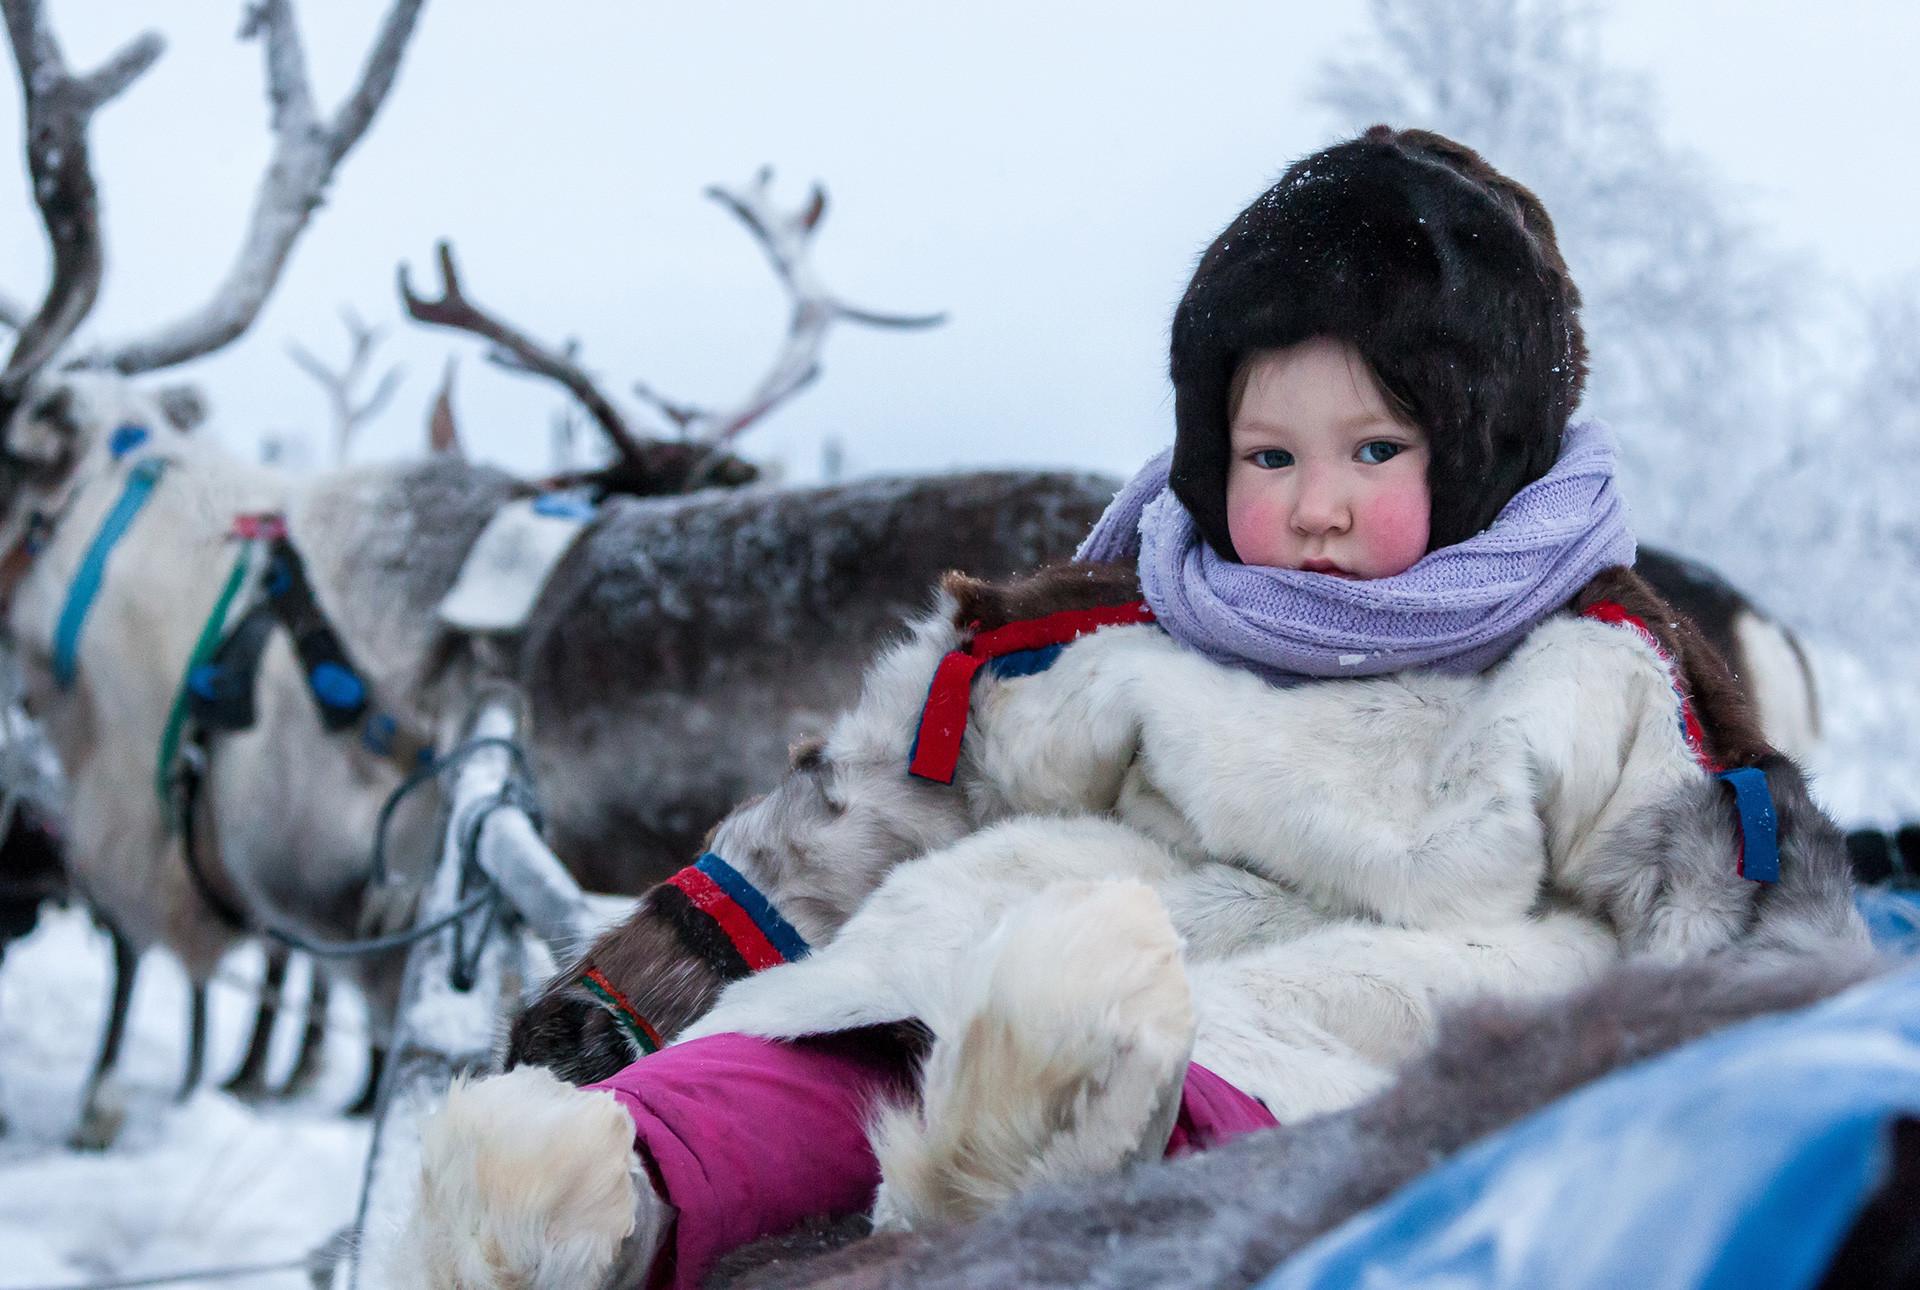 Criança nômade em fazenda de renas no extremo norte russo